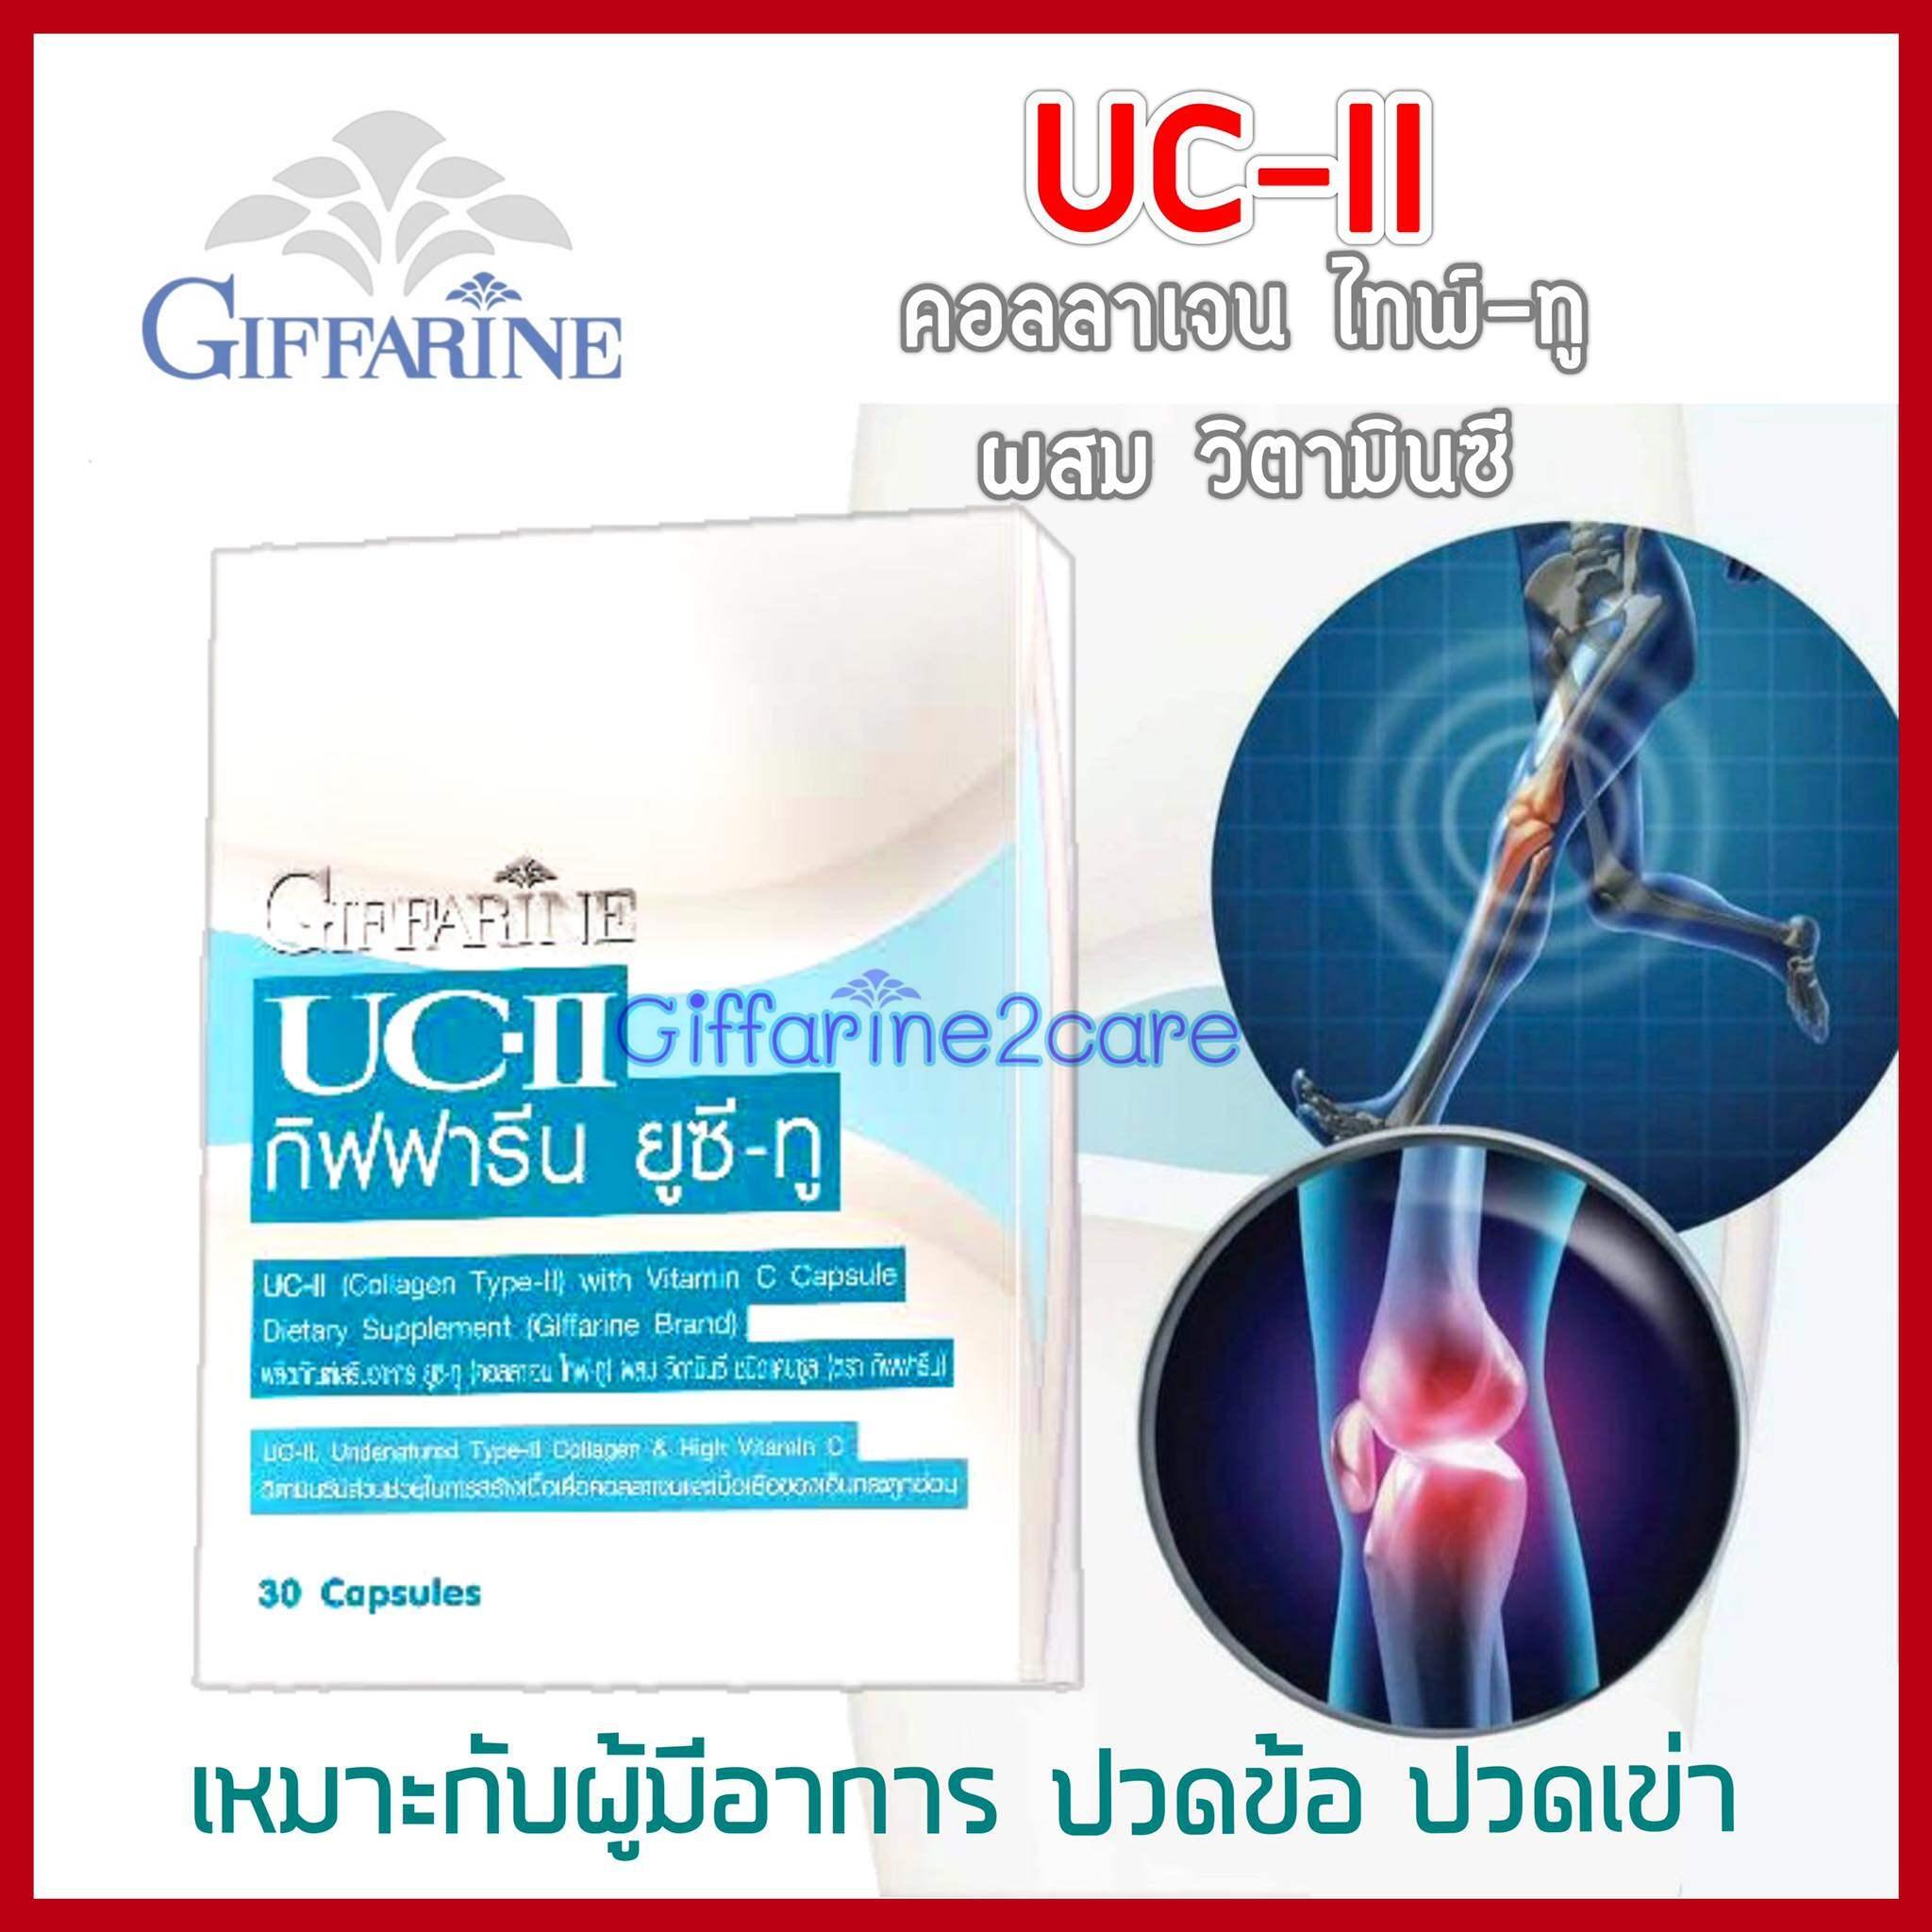 Giffarine Uc2 กิฟฟารีน ยูซีทู อาหารเสริมสำหรับผู้ใหญ่ คอลลาเจนชนิดที่2 สารสกัดจากอเมริกา คอลลาเจน ไทพ์-ทู.